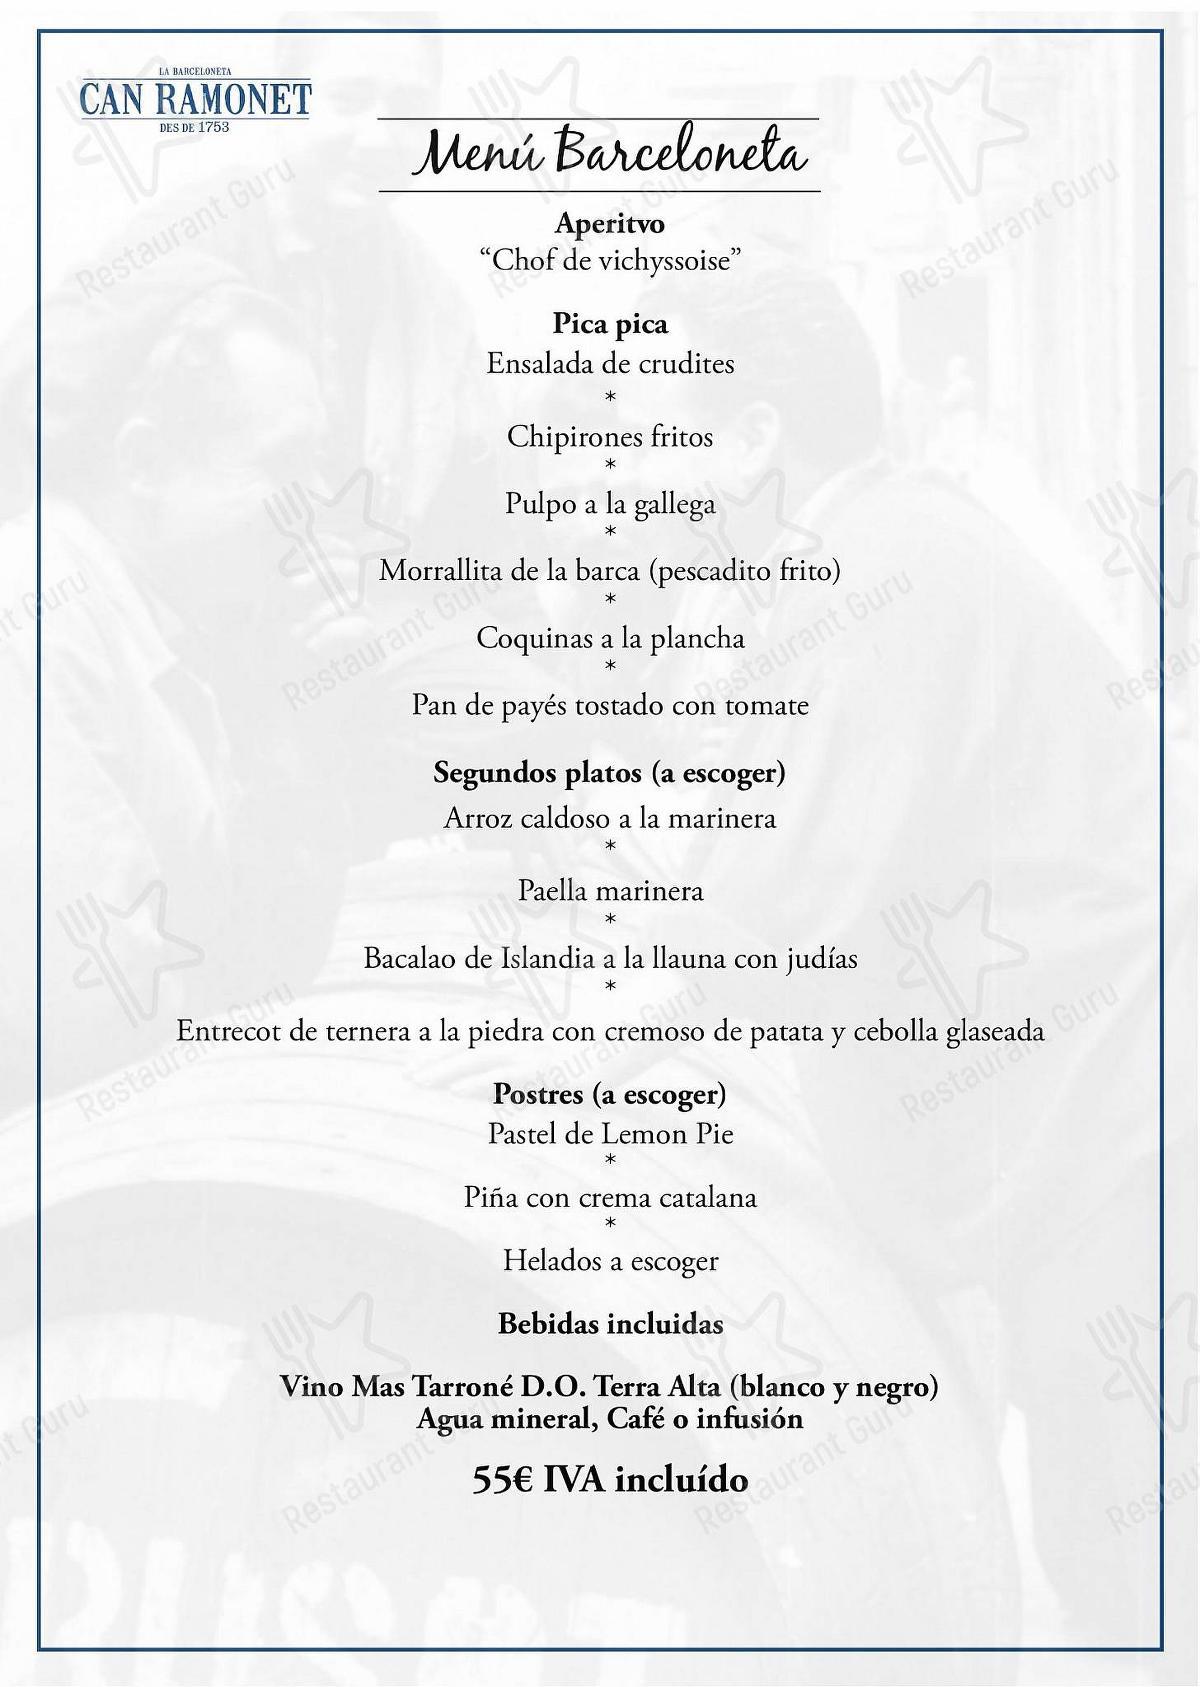 Carta de Can Ramonet - platos y bebidas